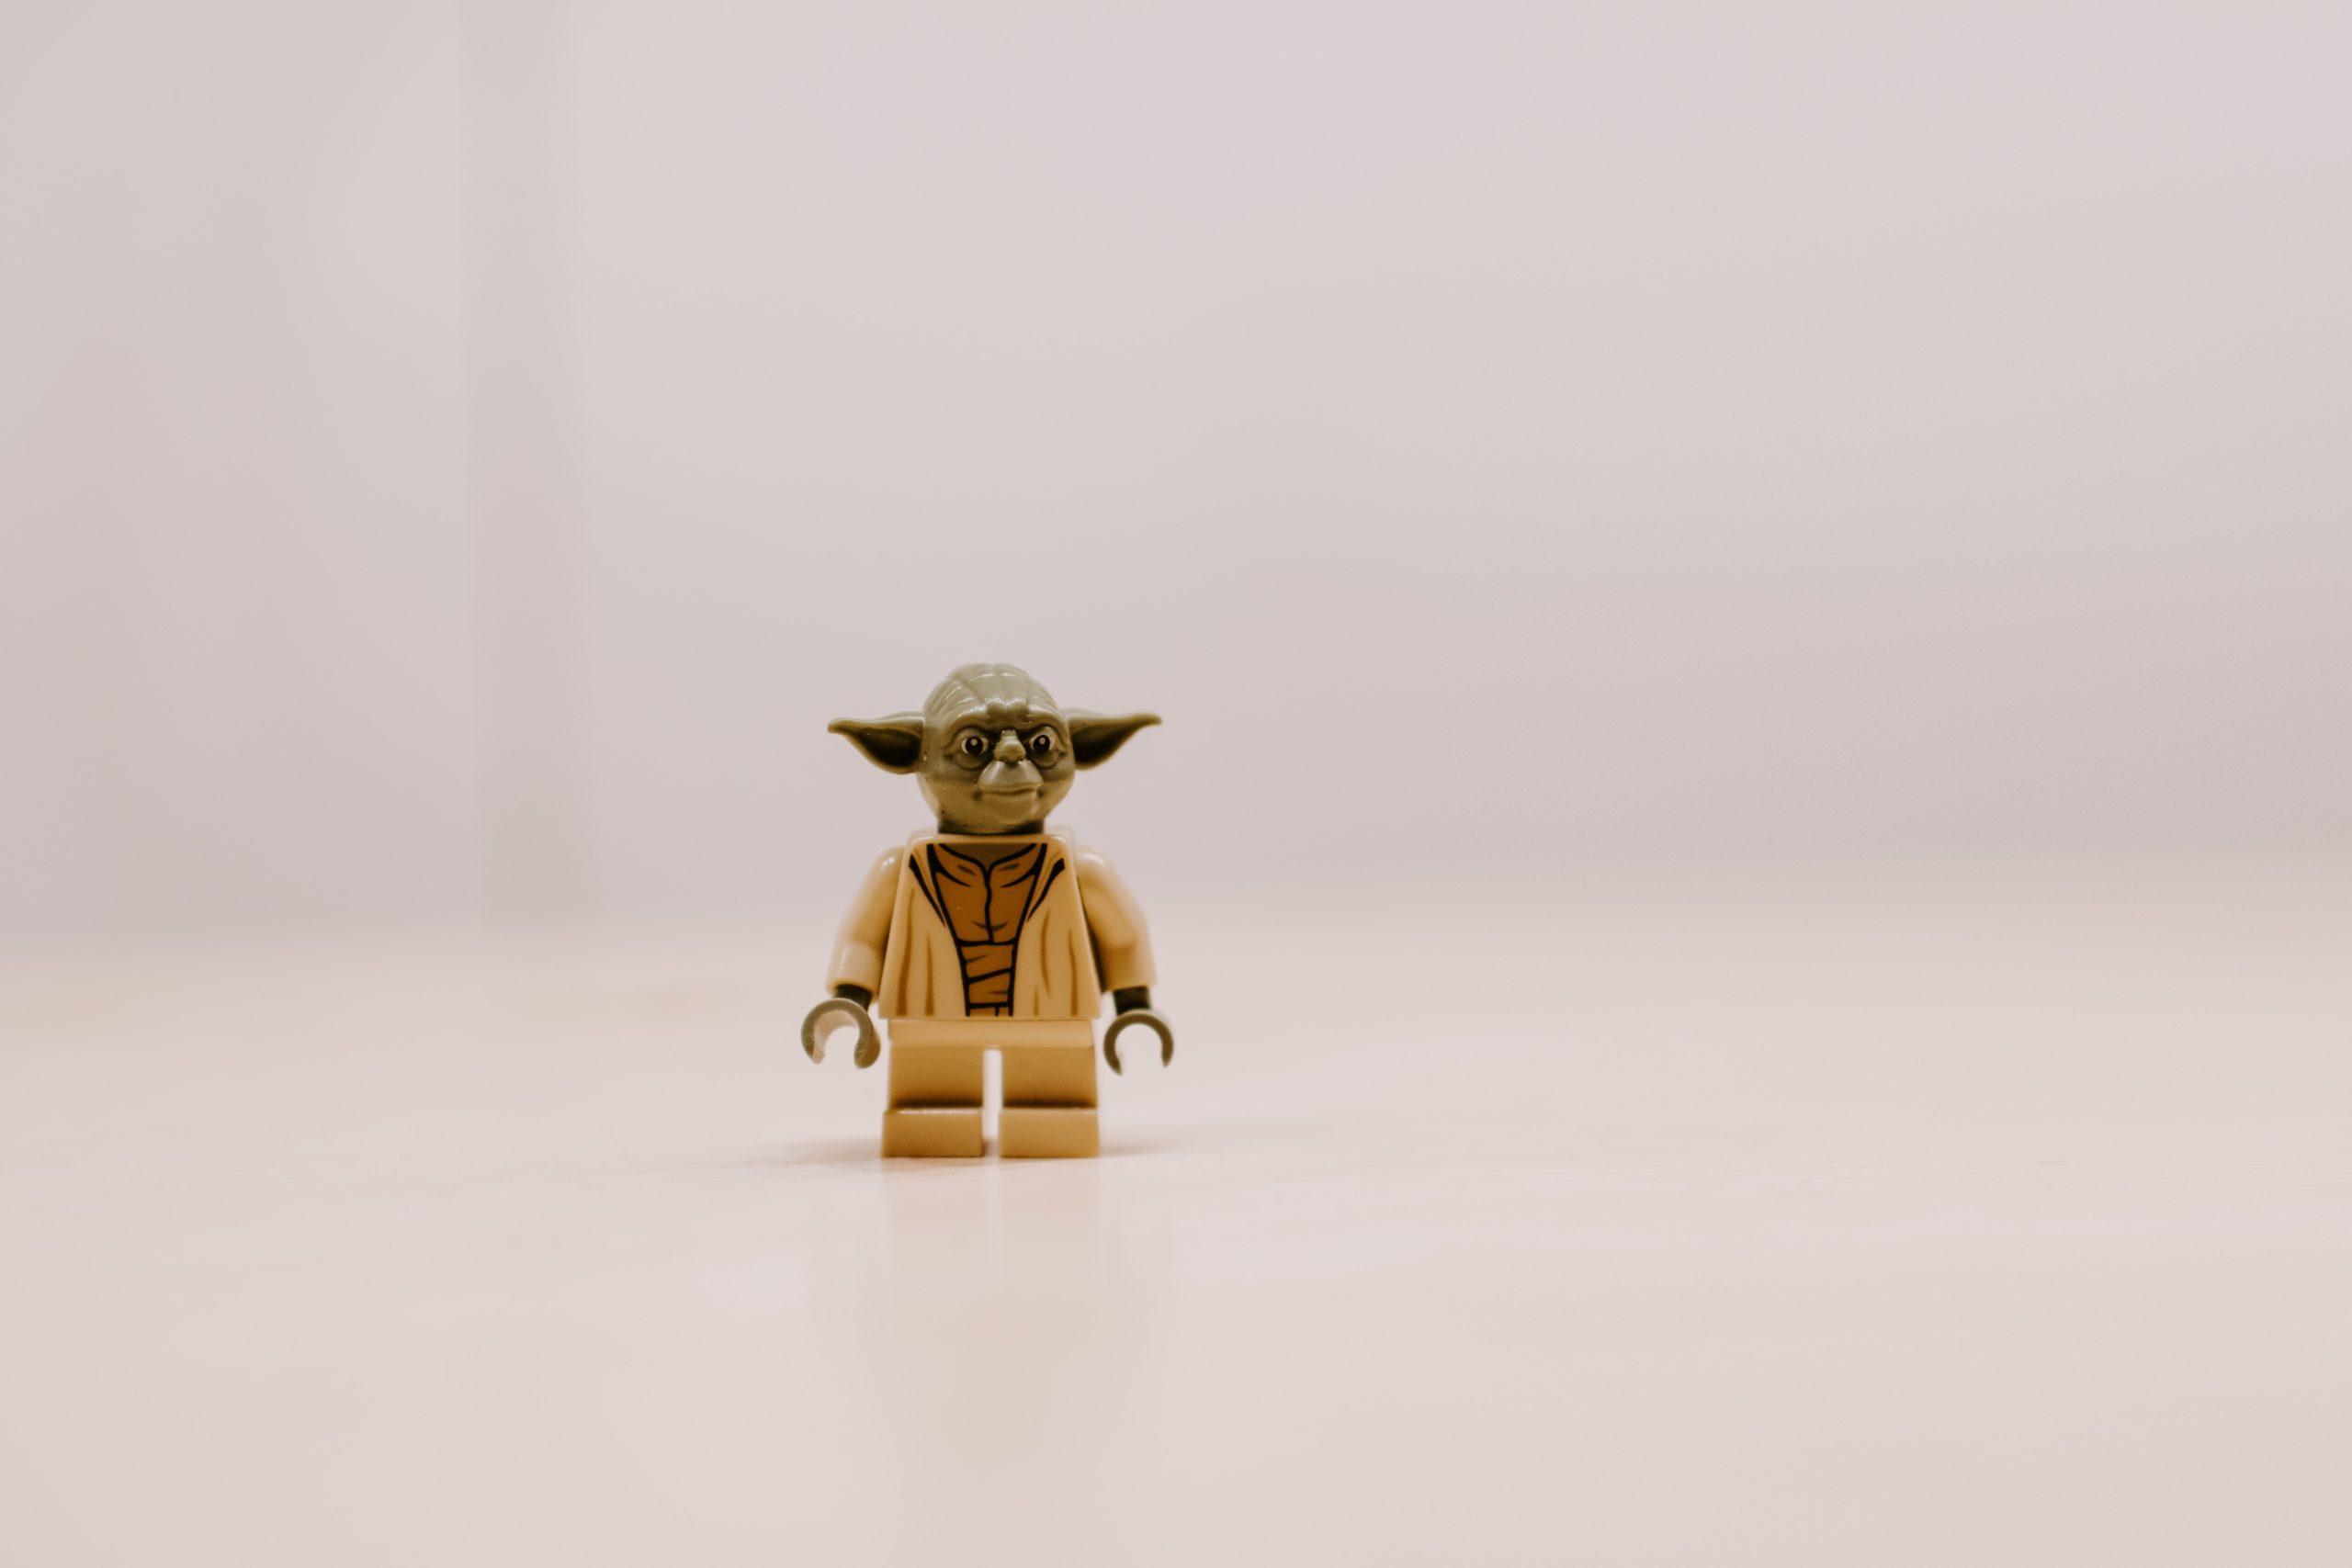 Lego yoda on white background.